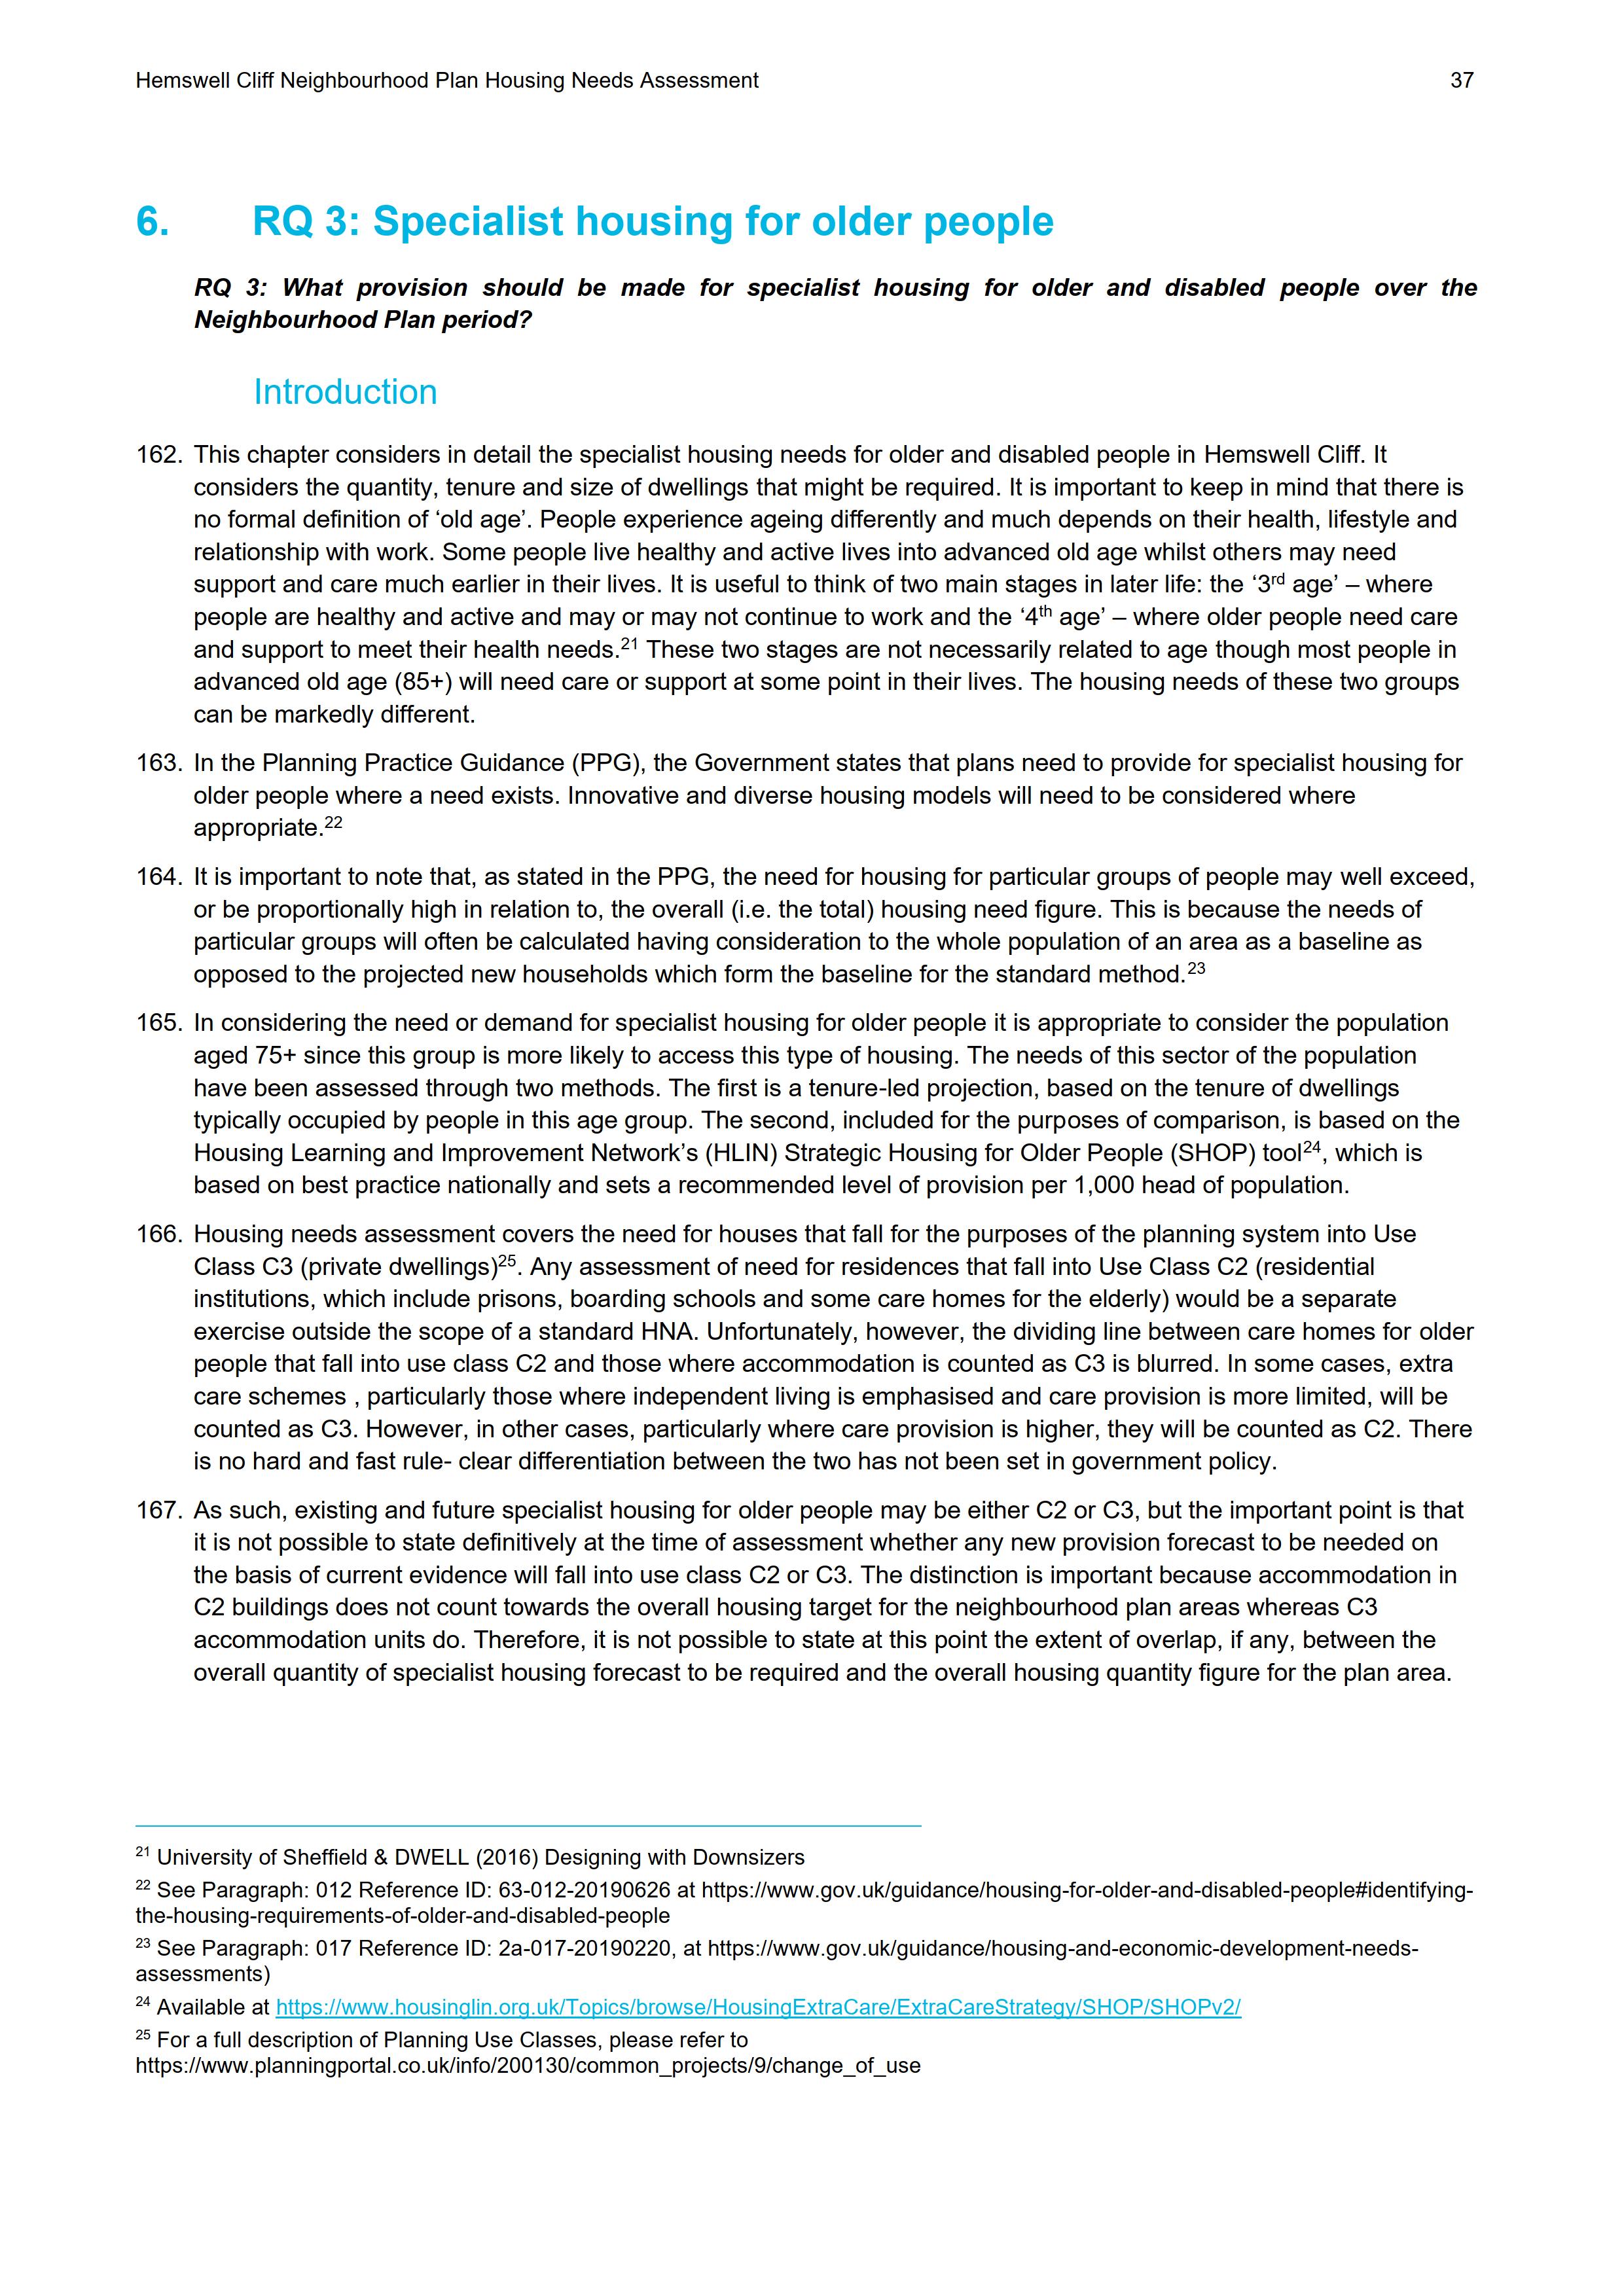 Hemswell_Cliff_Housing_Needs_Assessment_Final_37.png